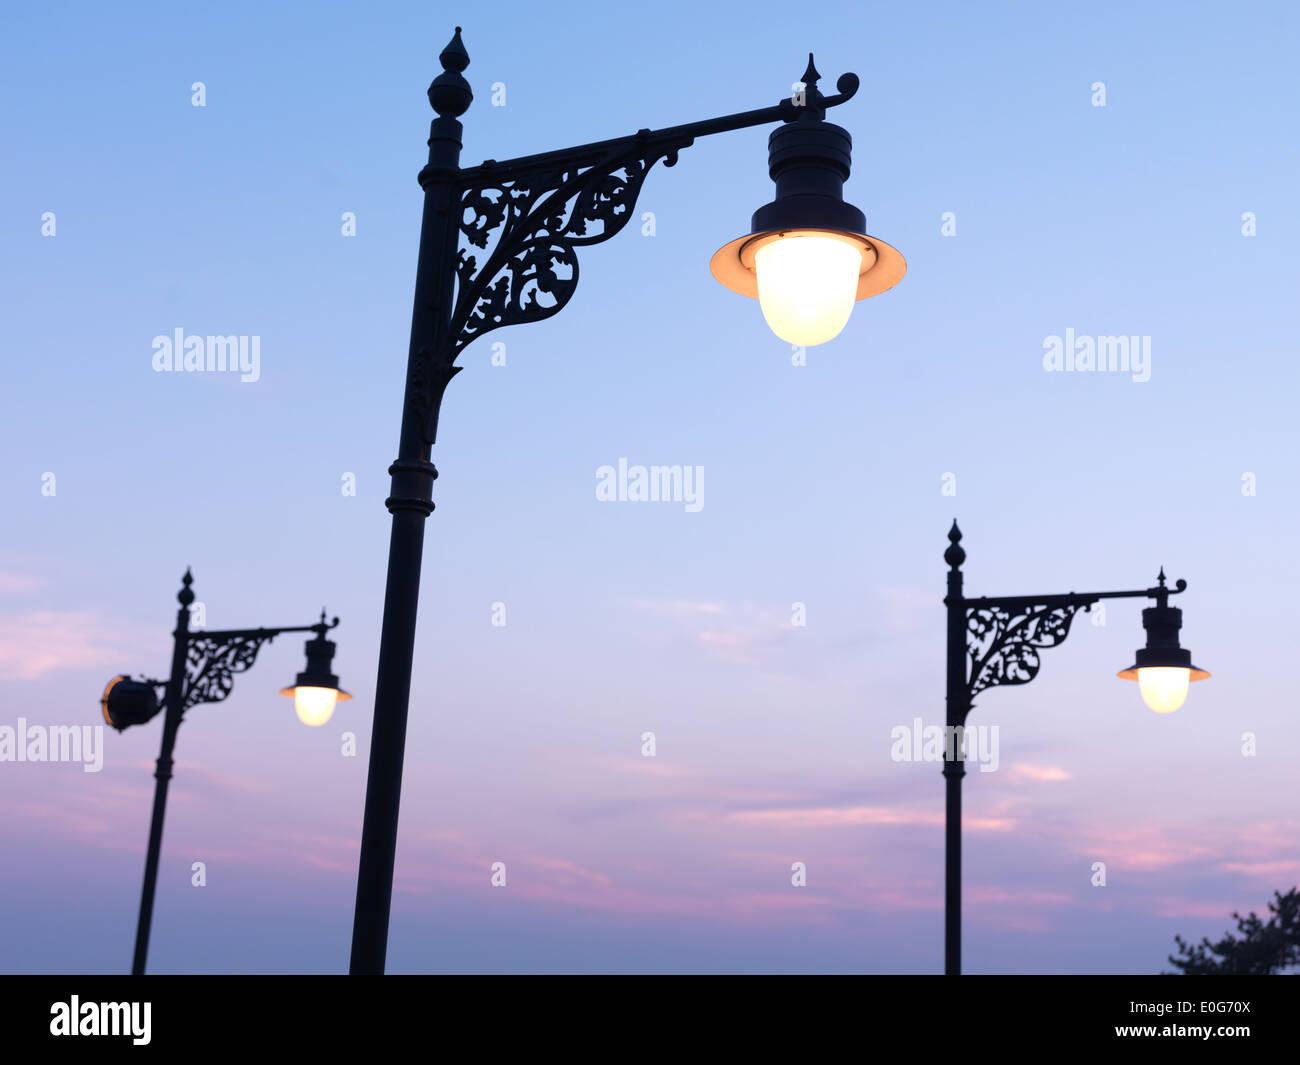 Lampes Vintage street sur fond de ciel coucher de soleil Photo Stock